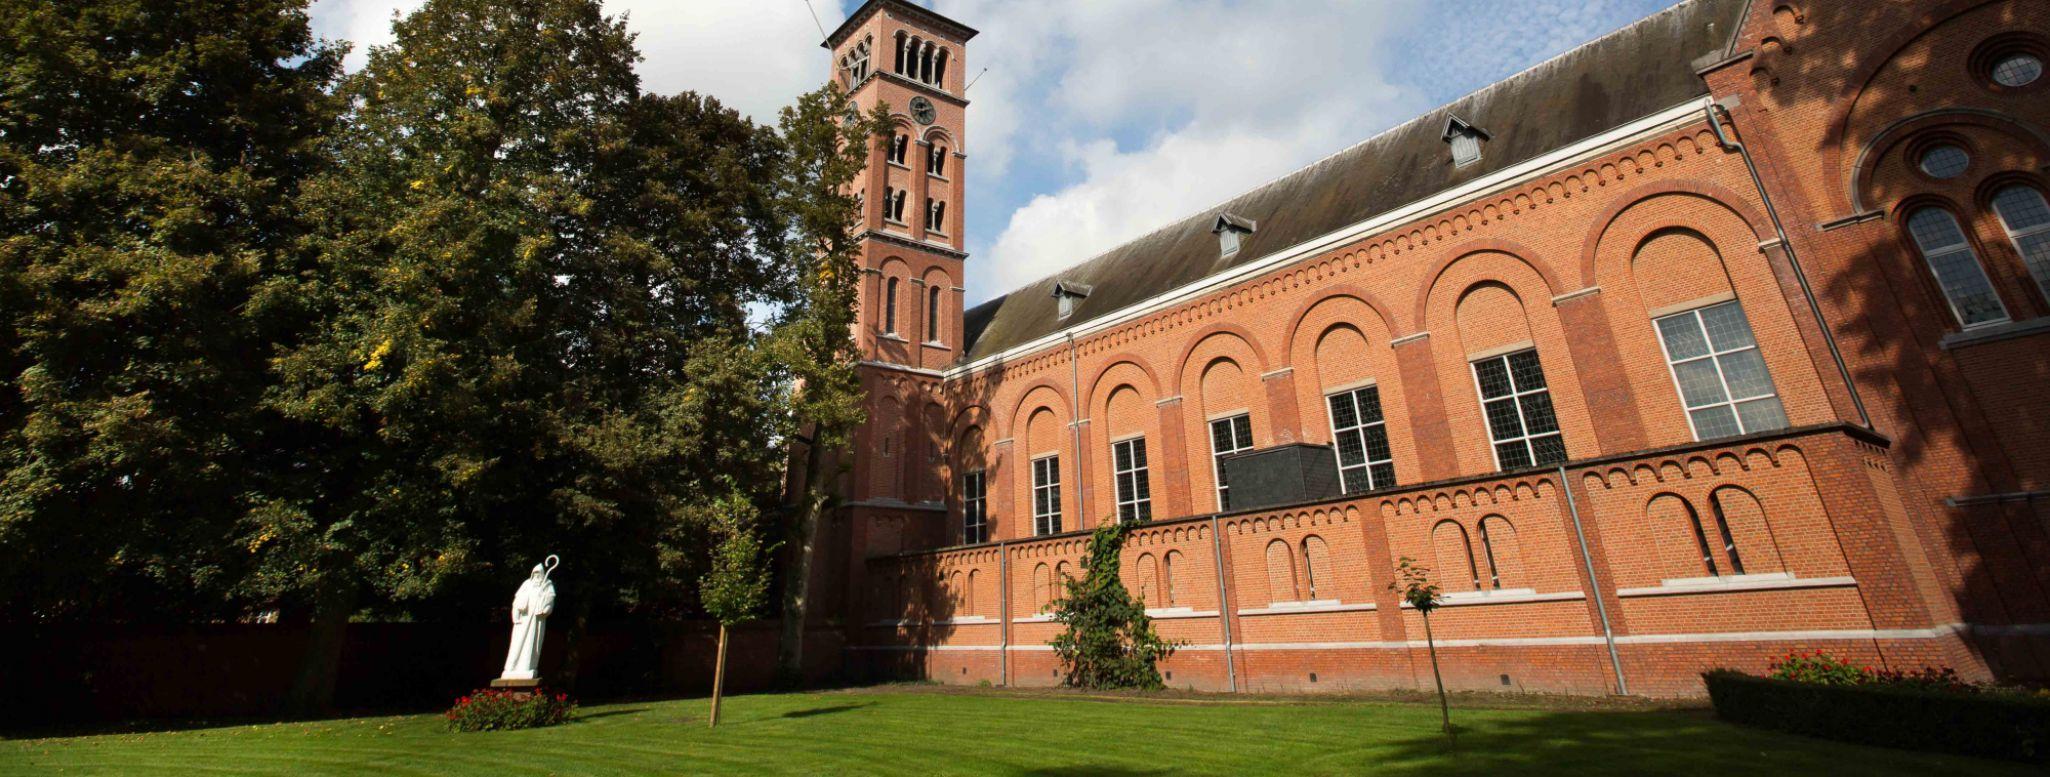 La chiesa dell'abbazia di Westmalle